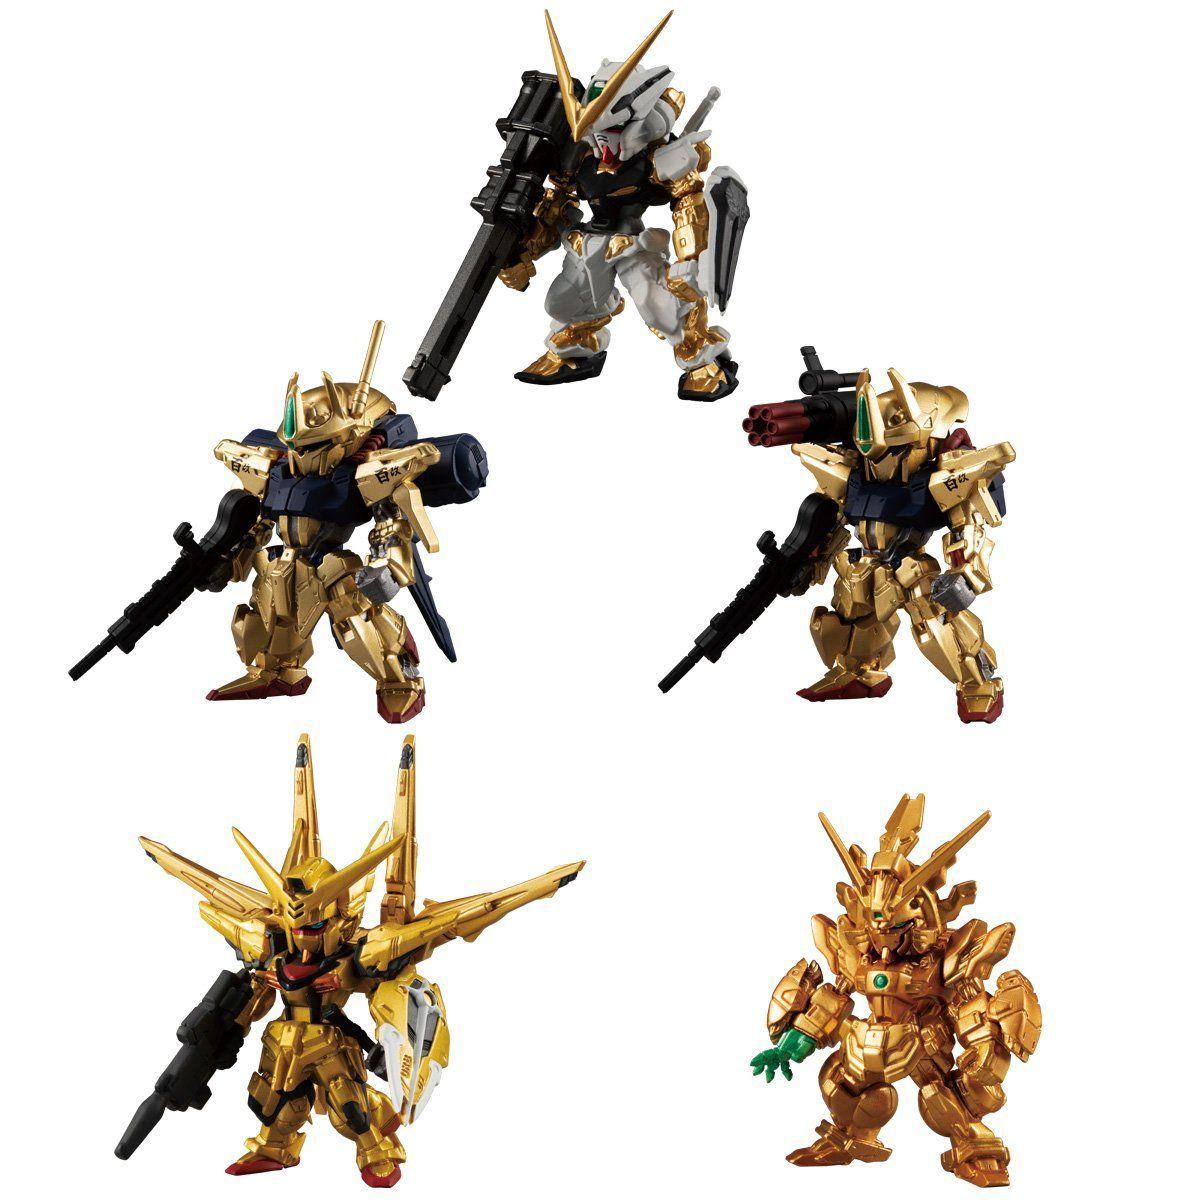 【食玩】機動戦士ガンダム『FW GUNDAM CONVERGE GOLD EDITION』デフォルメフィギュア 8個入りBOX-001